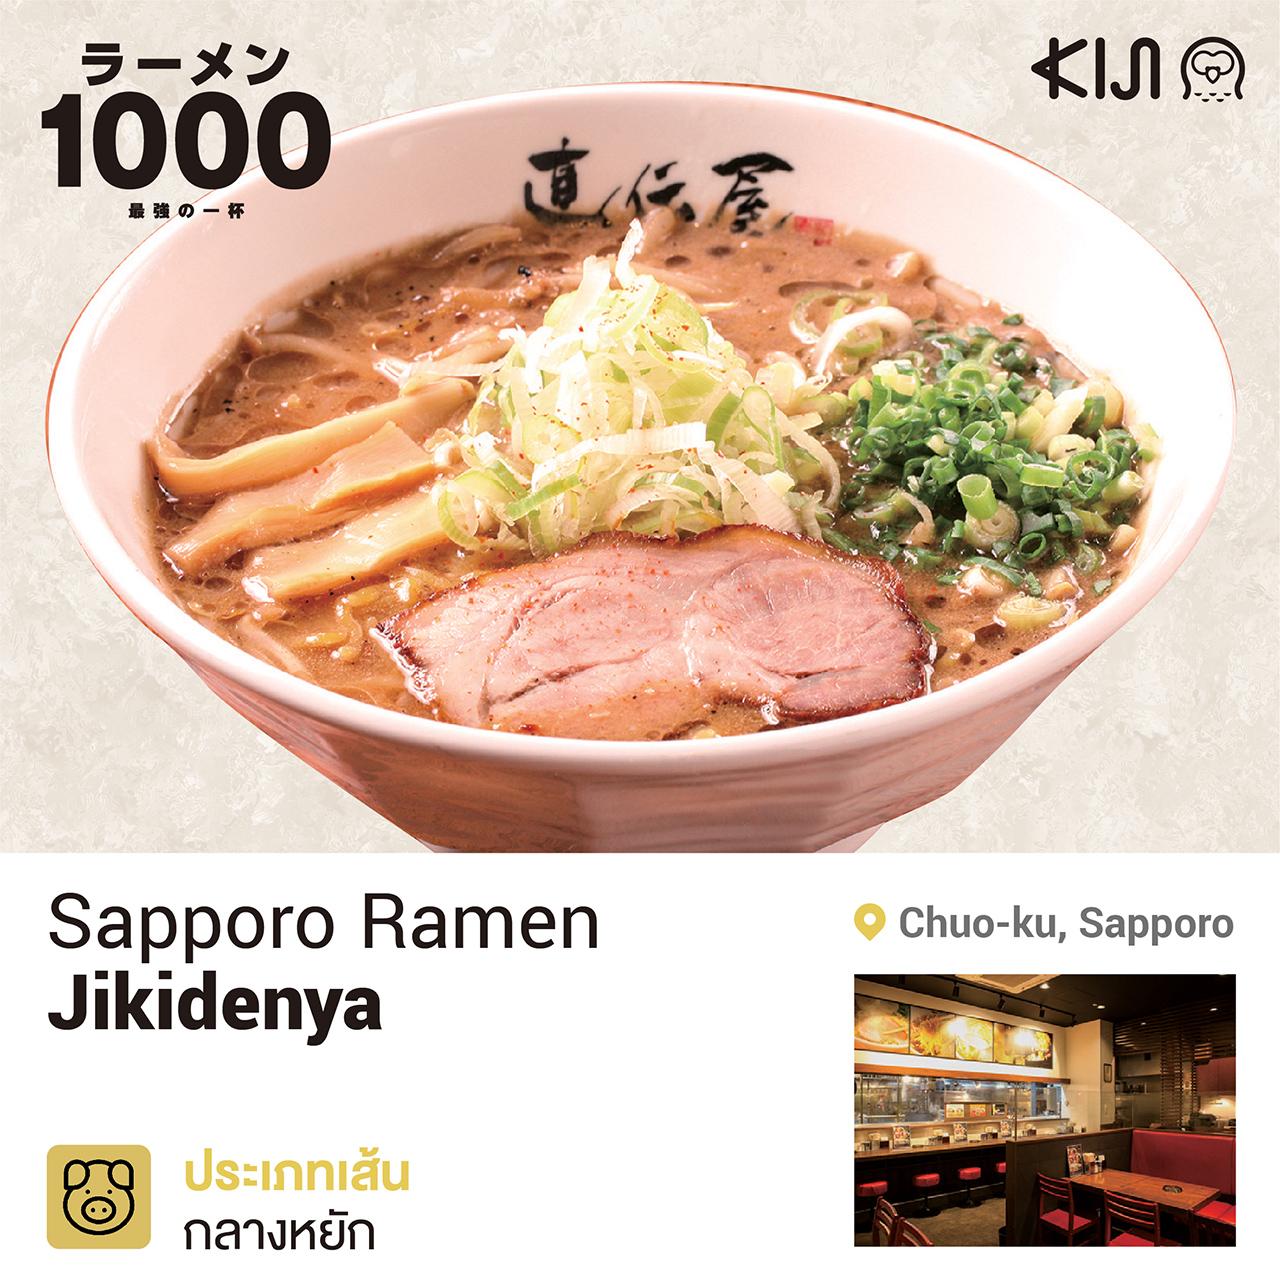 ร้านราเมน เขตชูโอ เมืองซัปโปโร จ.ฮอกไกโด - Sapporo Ramen Jikidenya